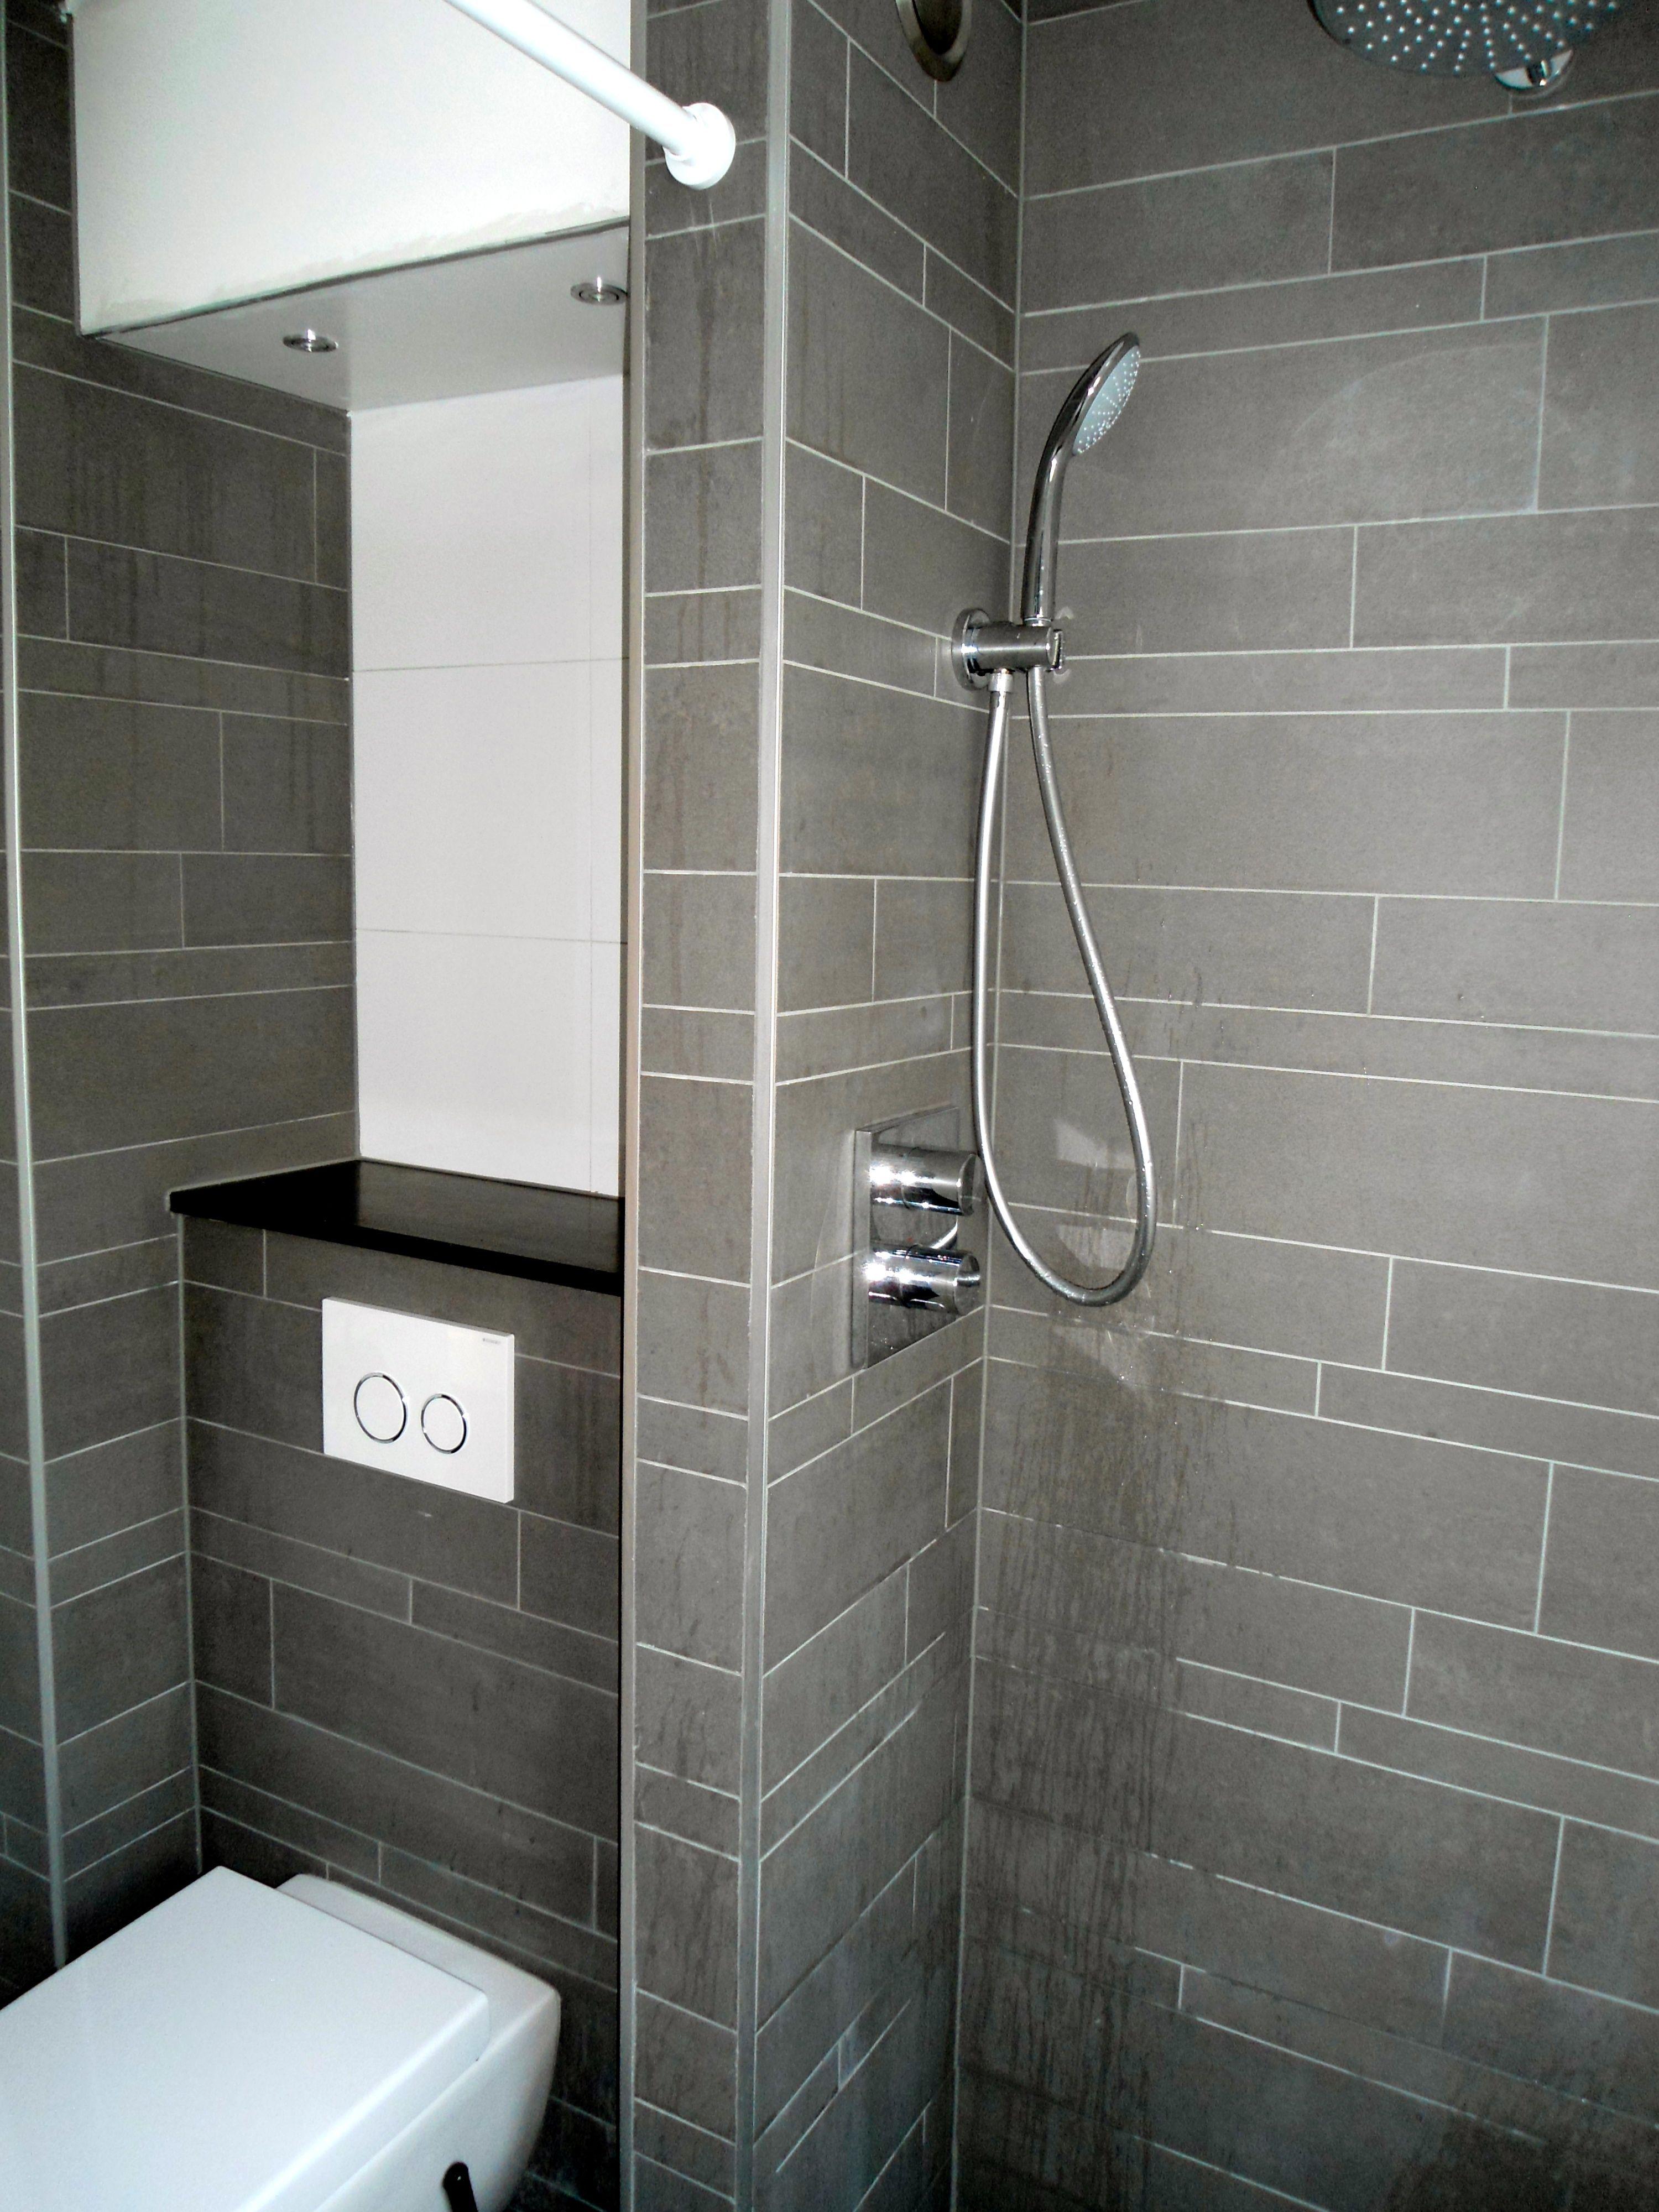 muurtje achter wc natuursteenplankje op muurtje badkamer